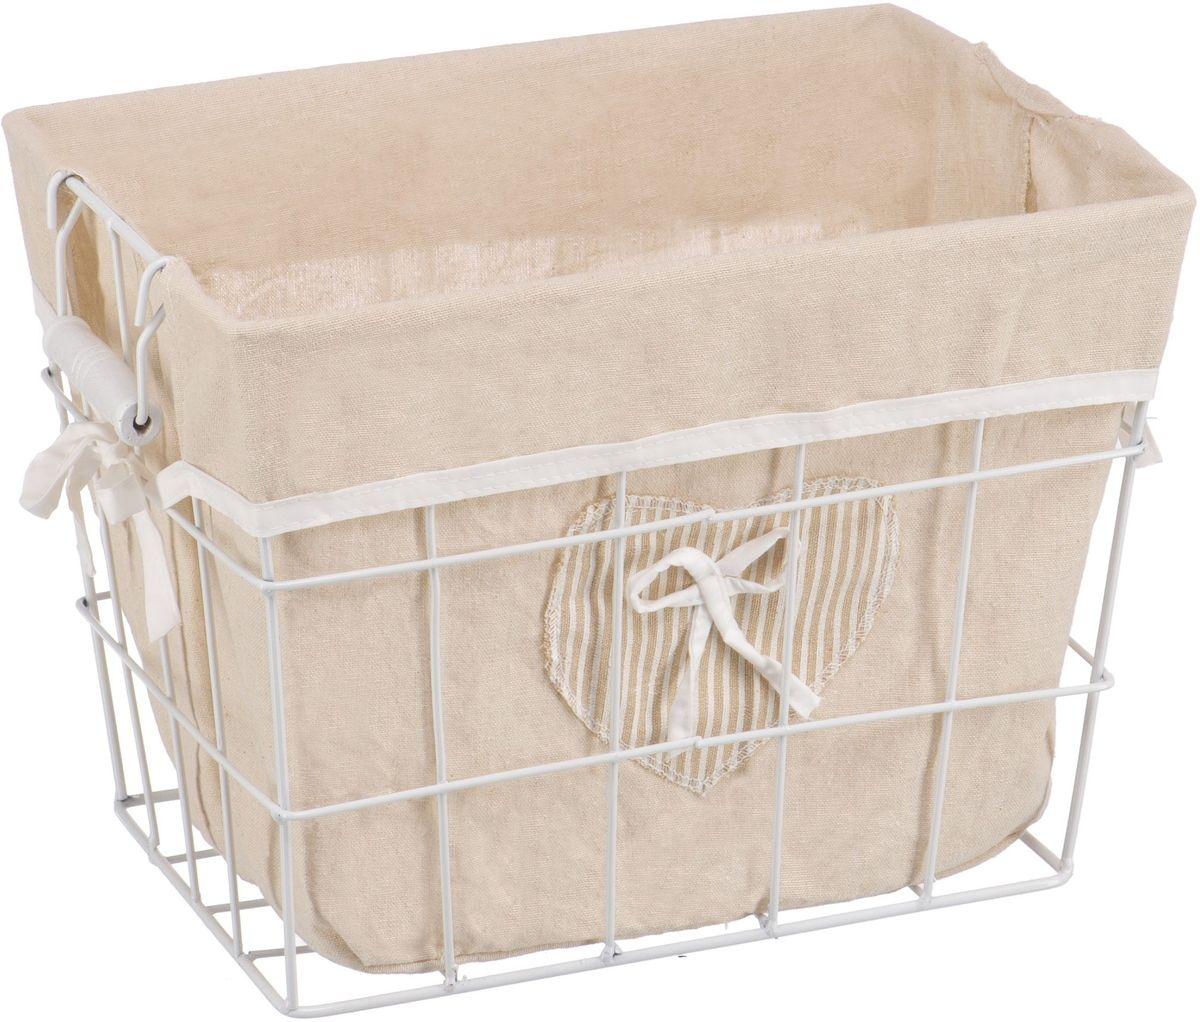 Корзина для белья Handy Home Решетка, открытая, цвет: белый, 35 х 25 х 26 см391602Прямоугольная бельевая корзина сделана из металла белого цвета. В комплекте с корзиной идет съемный чехол с бантиком который легко снимается и стирается. Корзина предназначена для хранения вещей и декоративного оформления помещения.